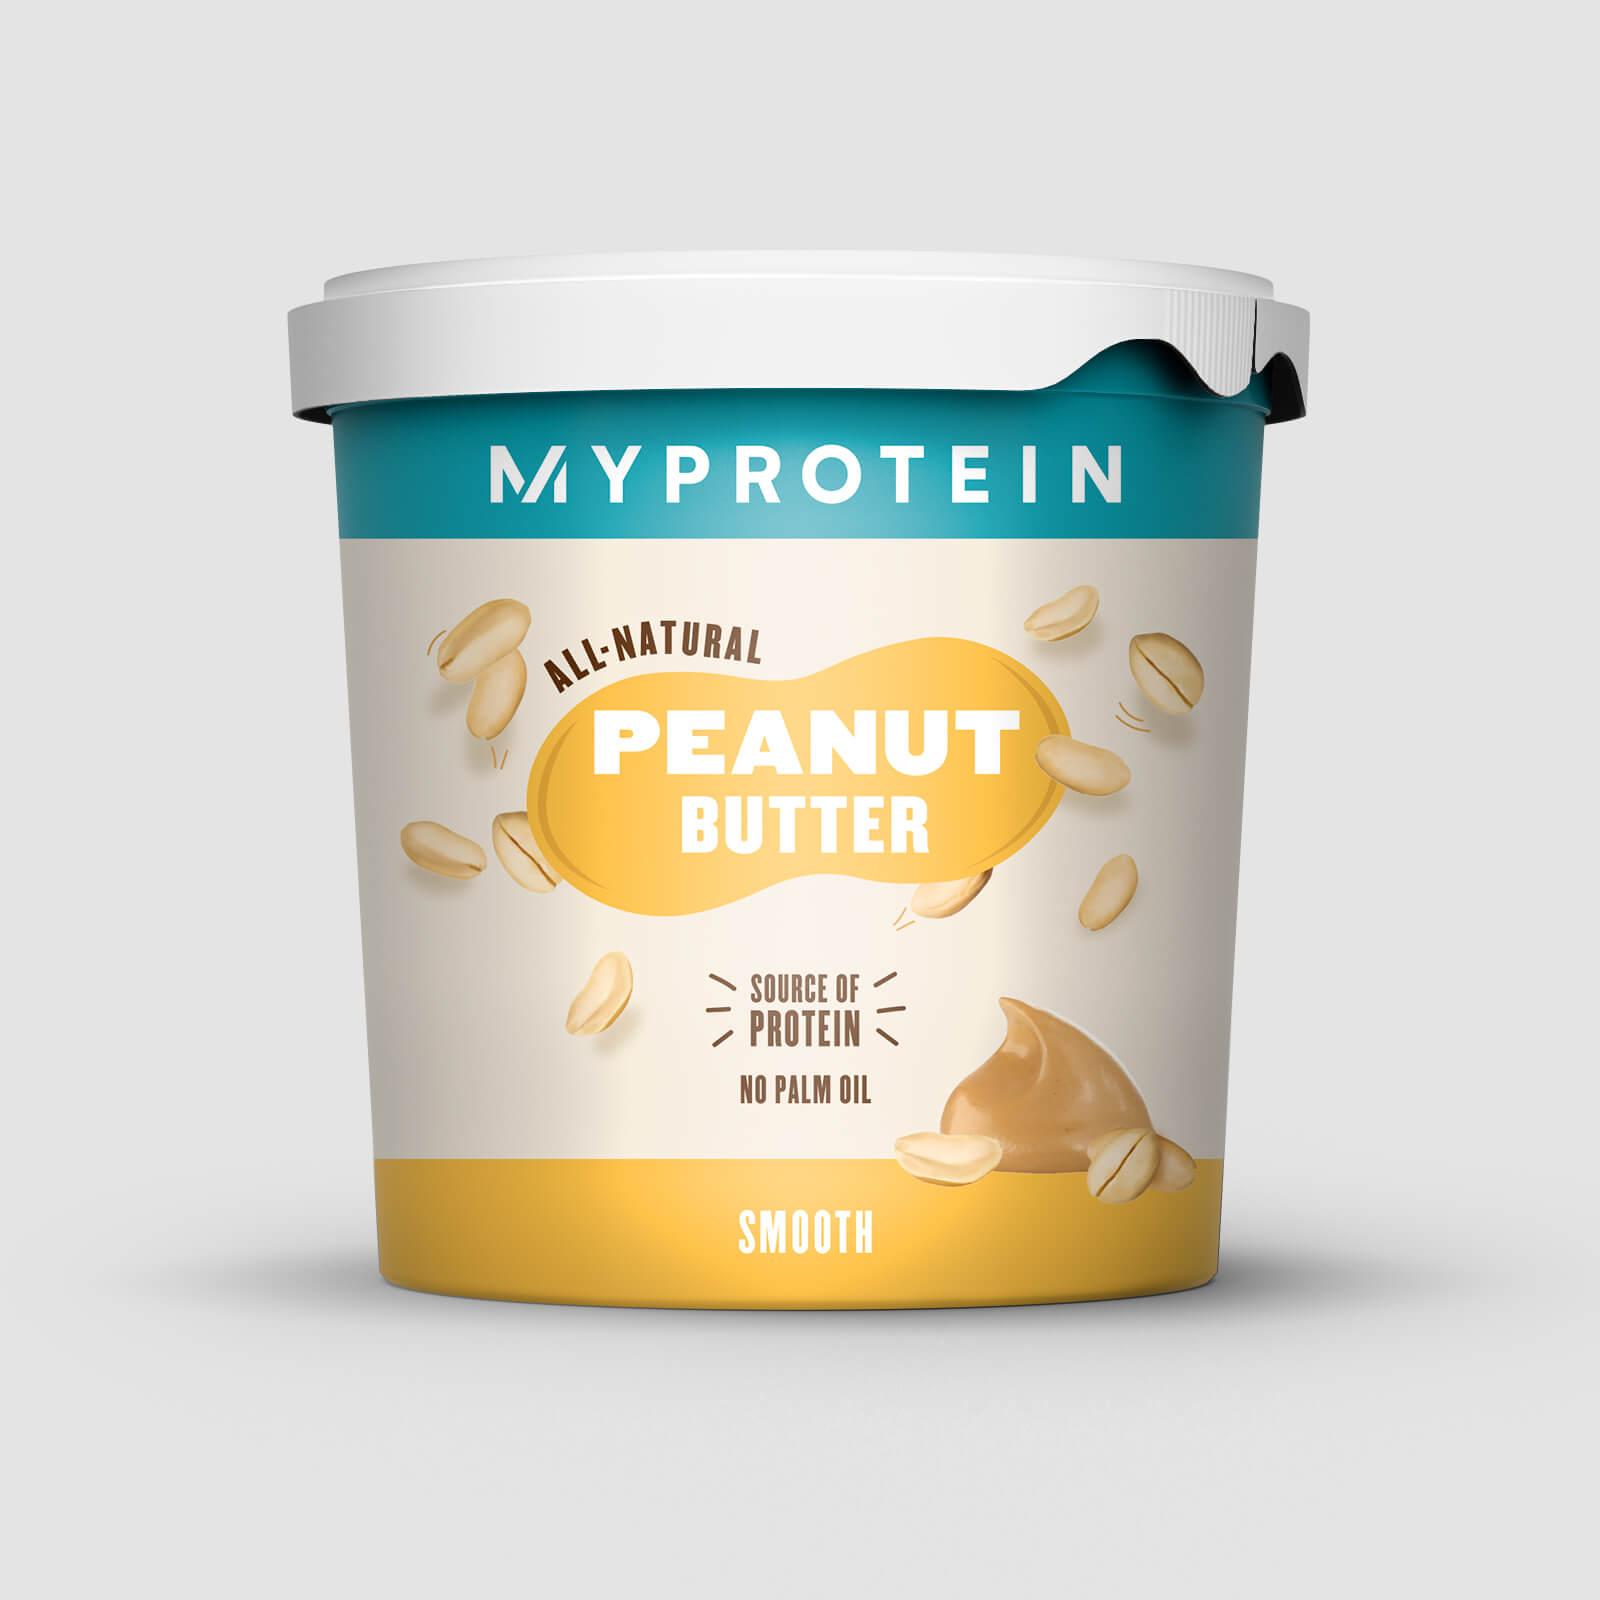 Myprotein Peanøttsmør Naturlig - Original - Smooth